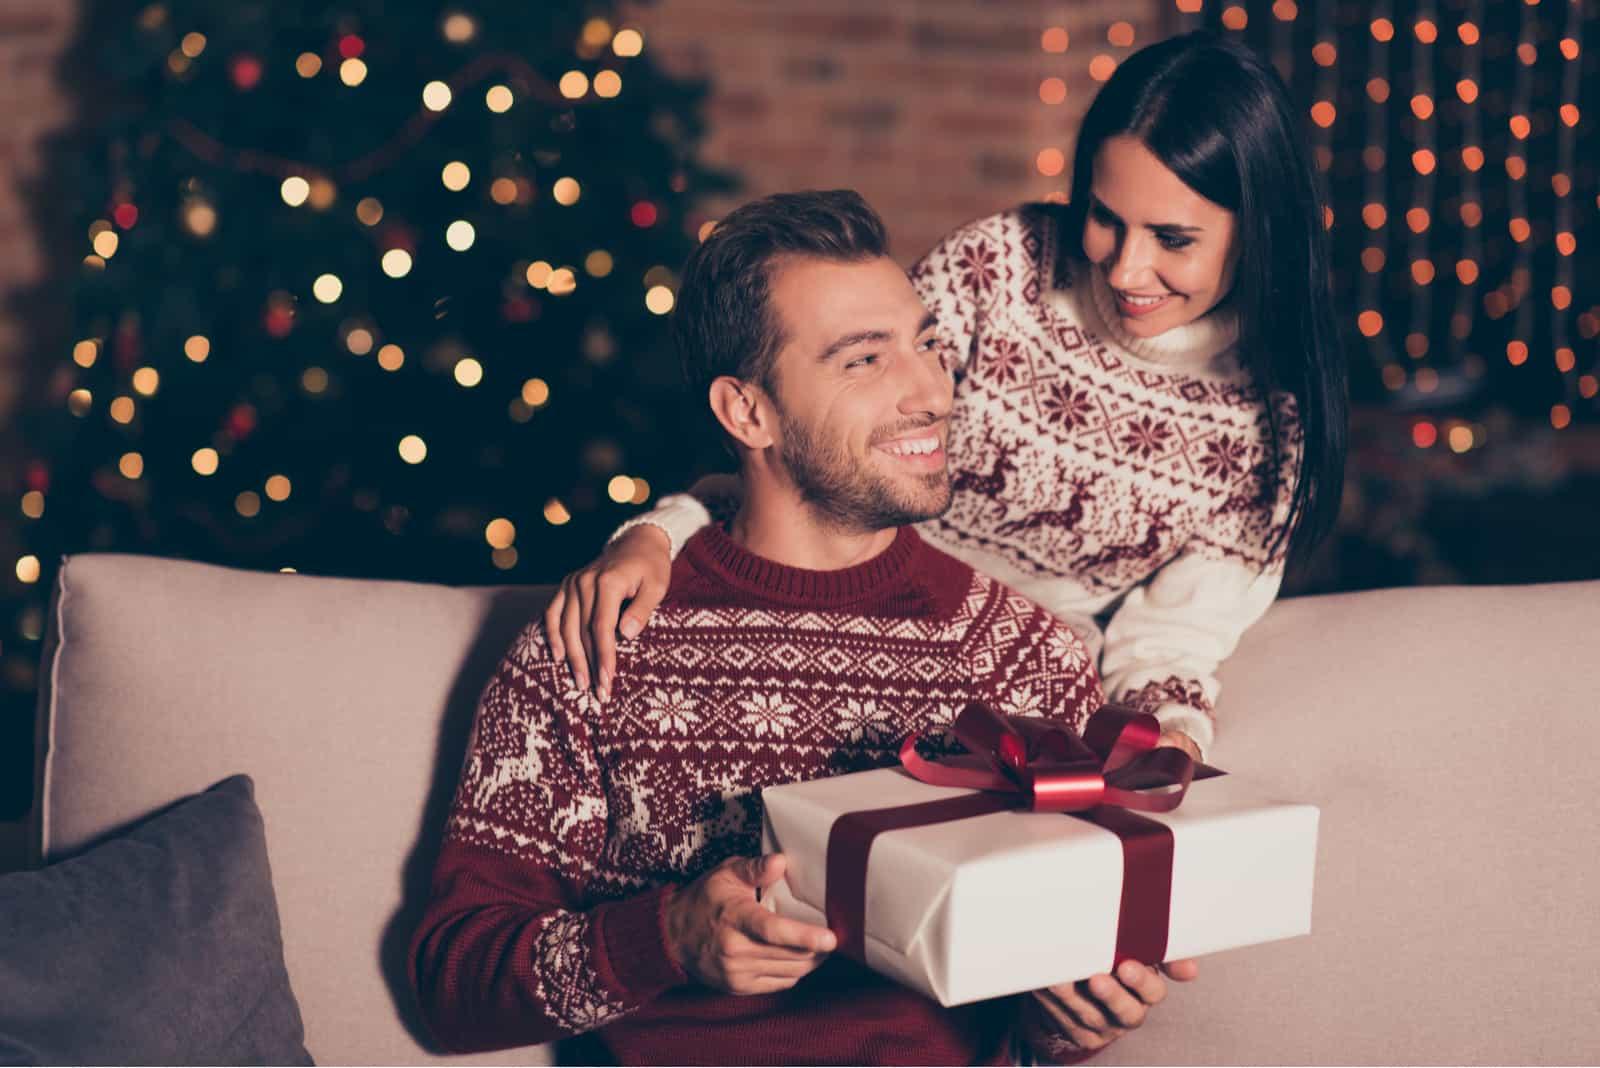 un homme et une femme avec un cadeau à la main